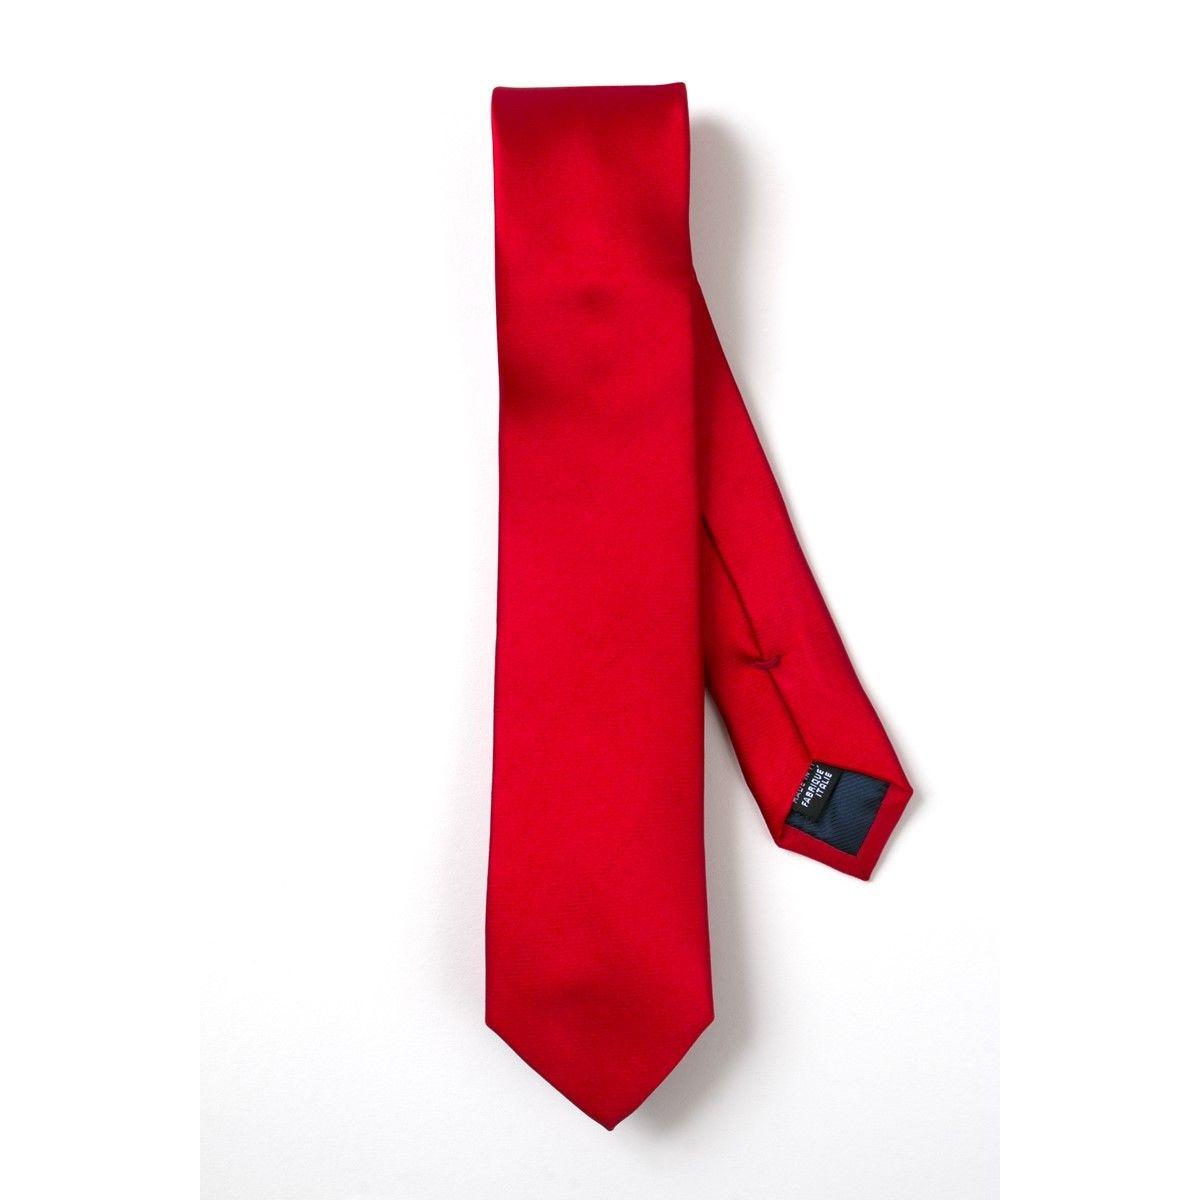 Cravate soie fine